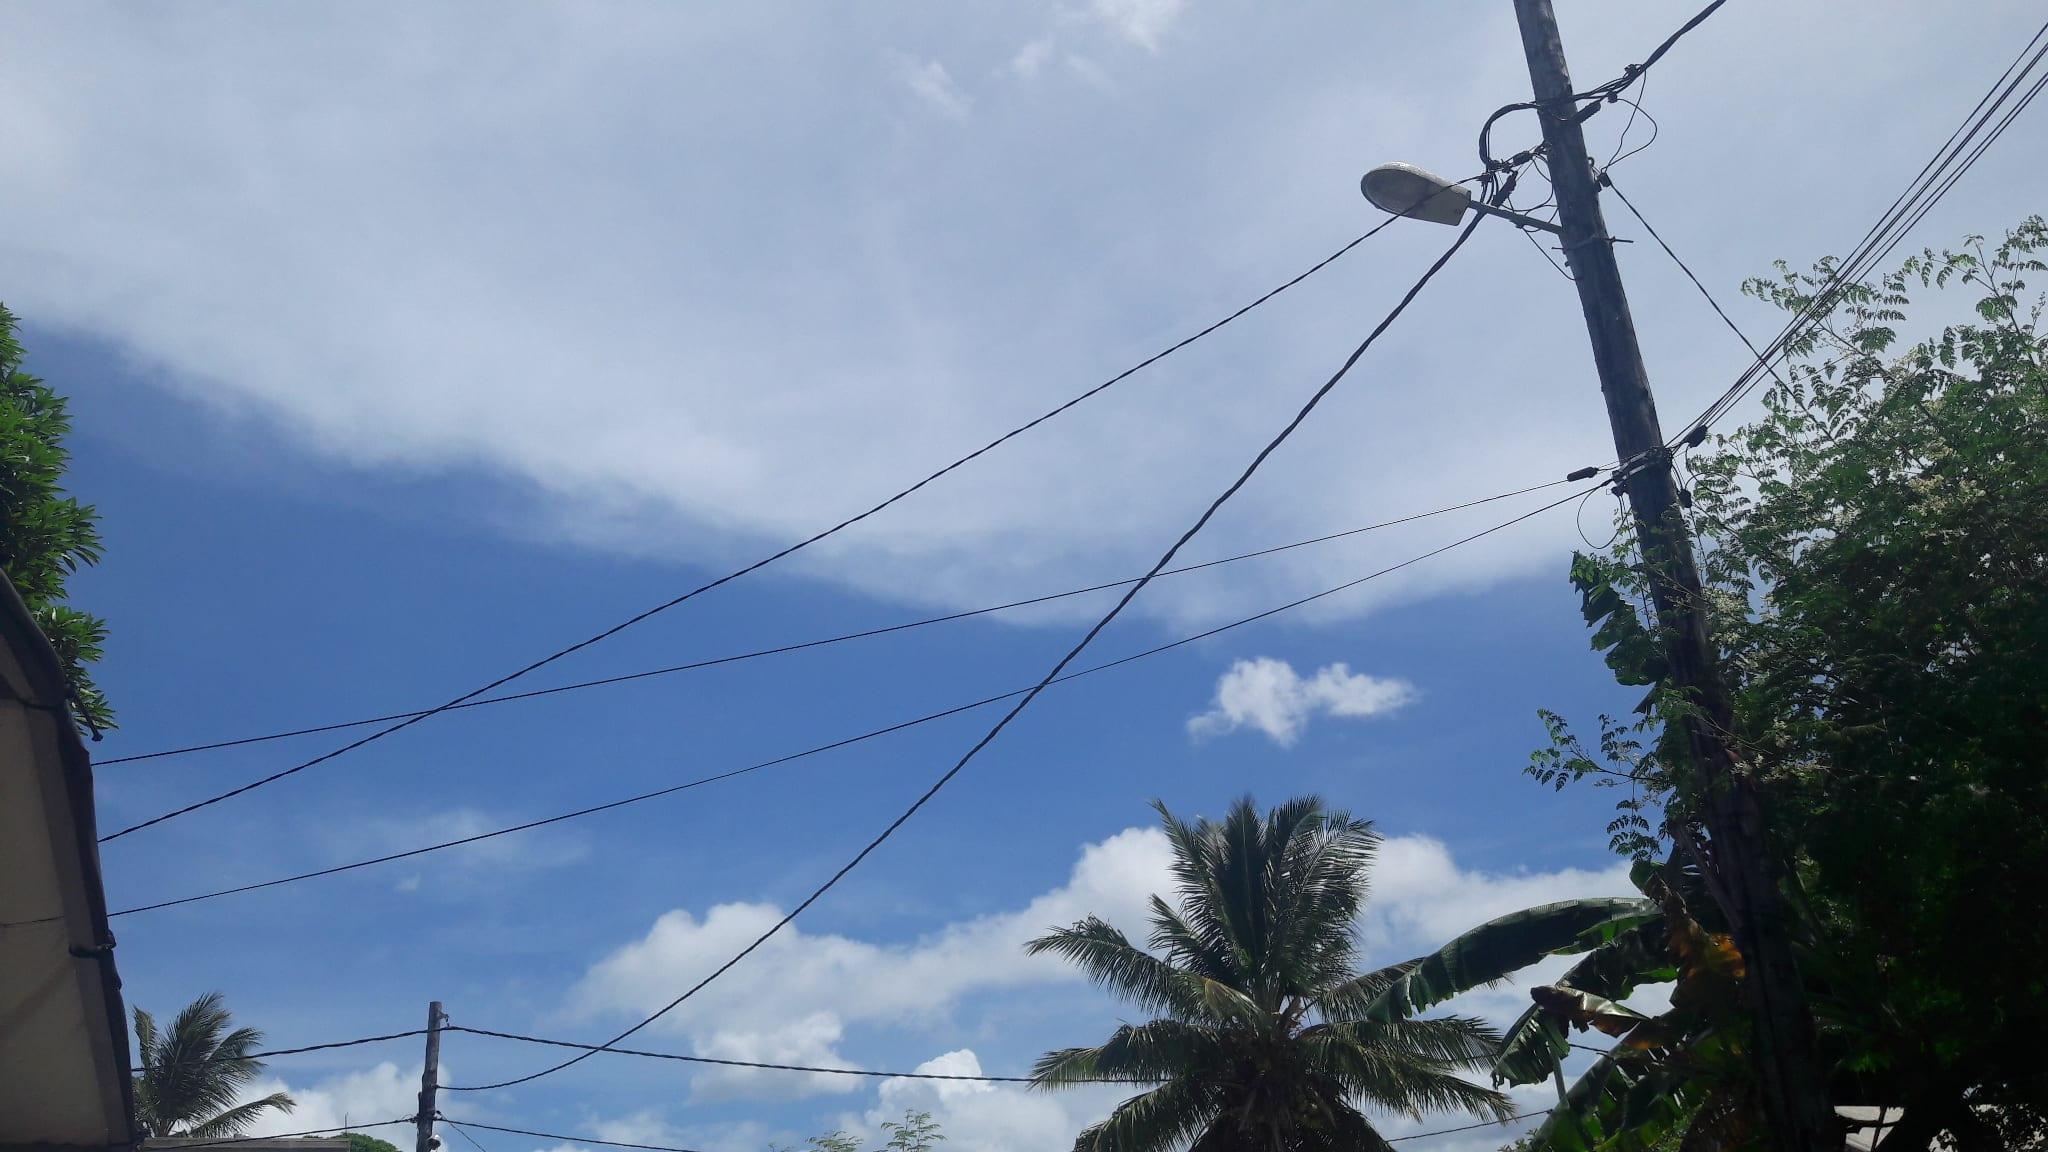 Météo : Beau temps ce vendredi avec de rares nuages